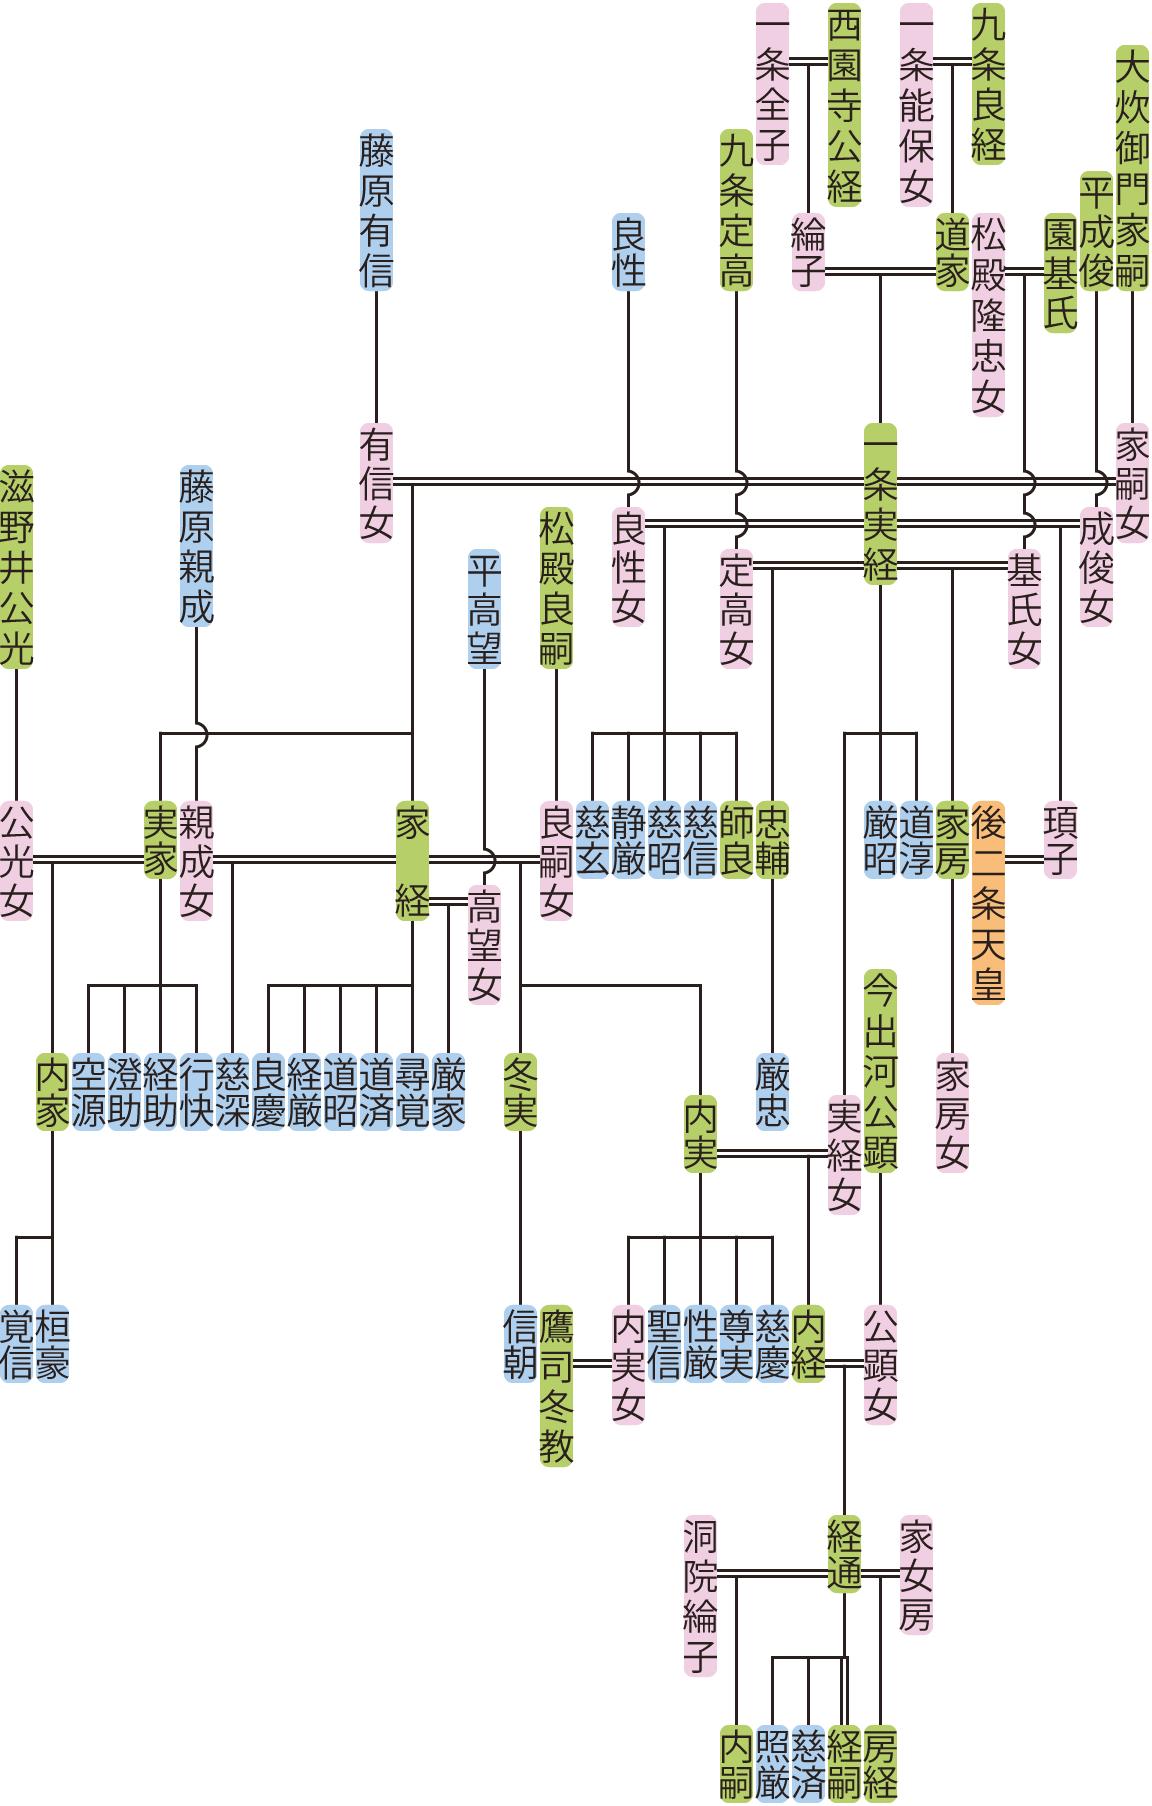 一条実経~内経の系図